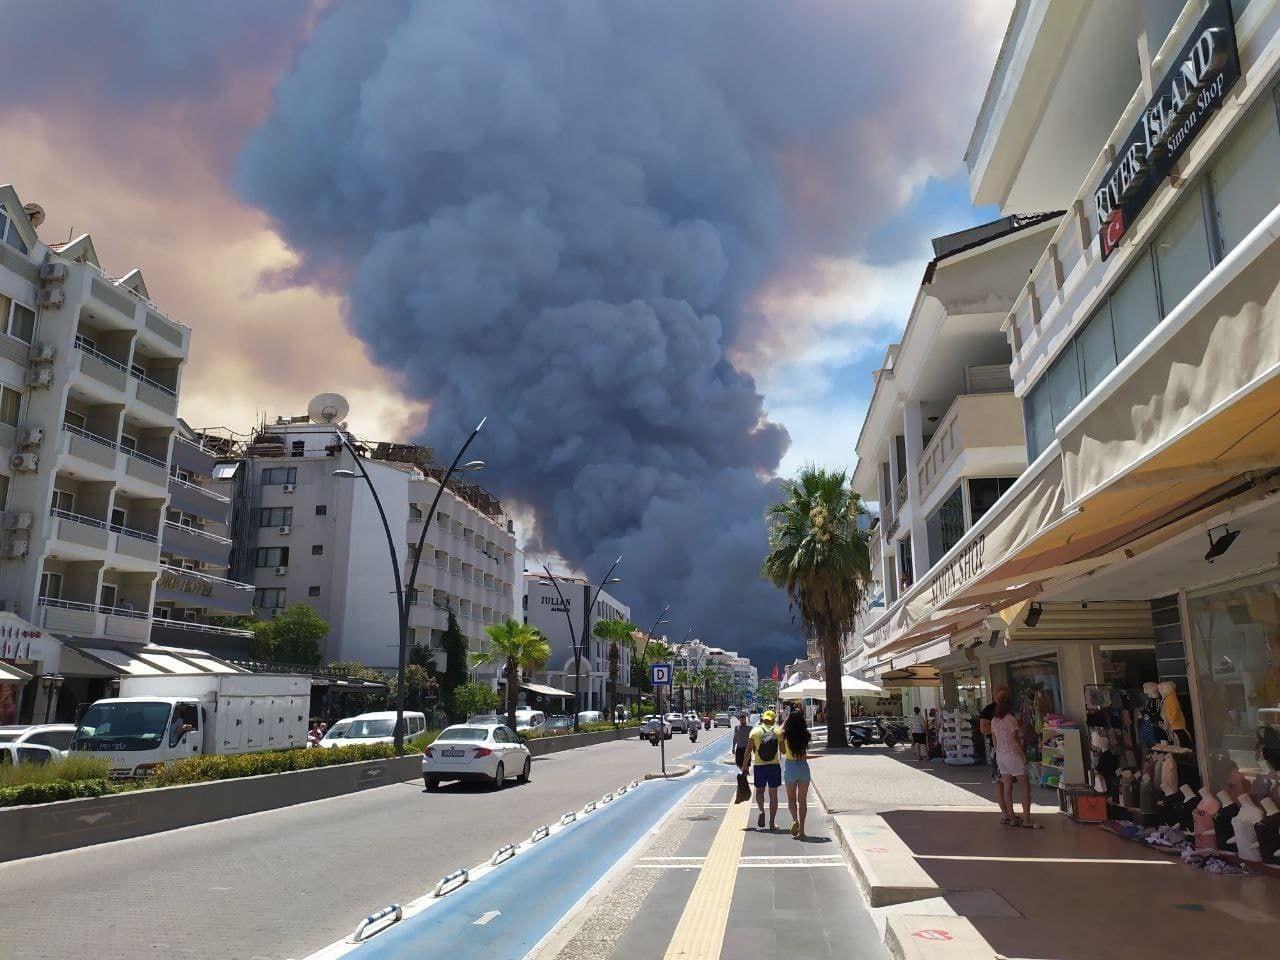 В Турции бушуют лесные пожары: погибло три человека (ФОТО) - фото №2